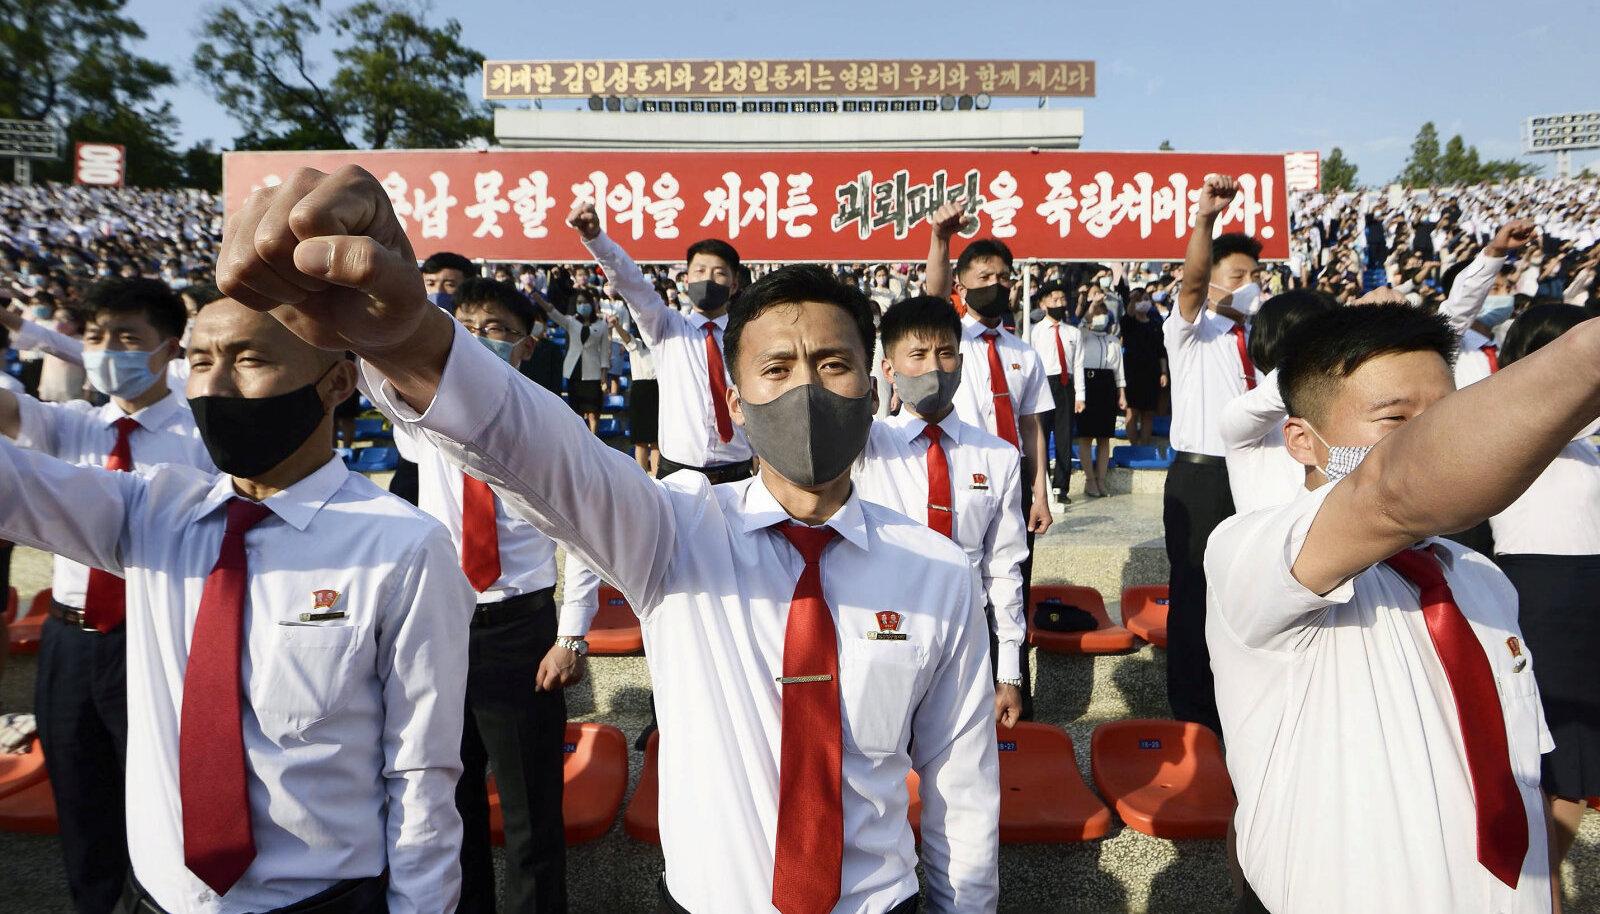 Põhja-Korea noored avaldasid sel kuul pealinnas meelt lõunanaabri lendlehtede vastu.